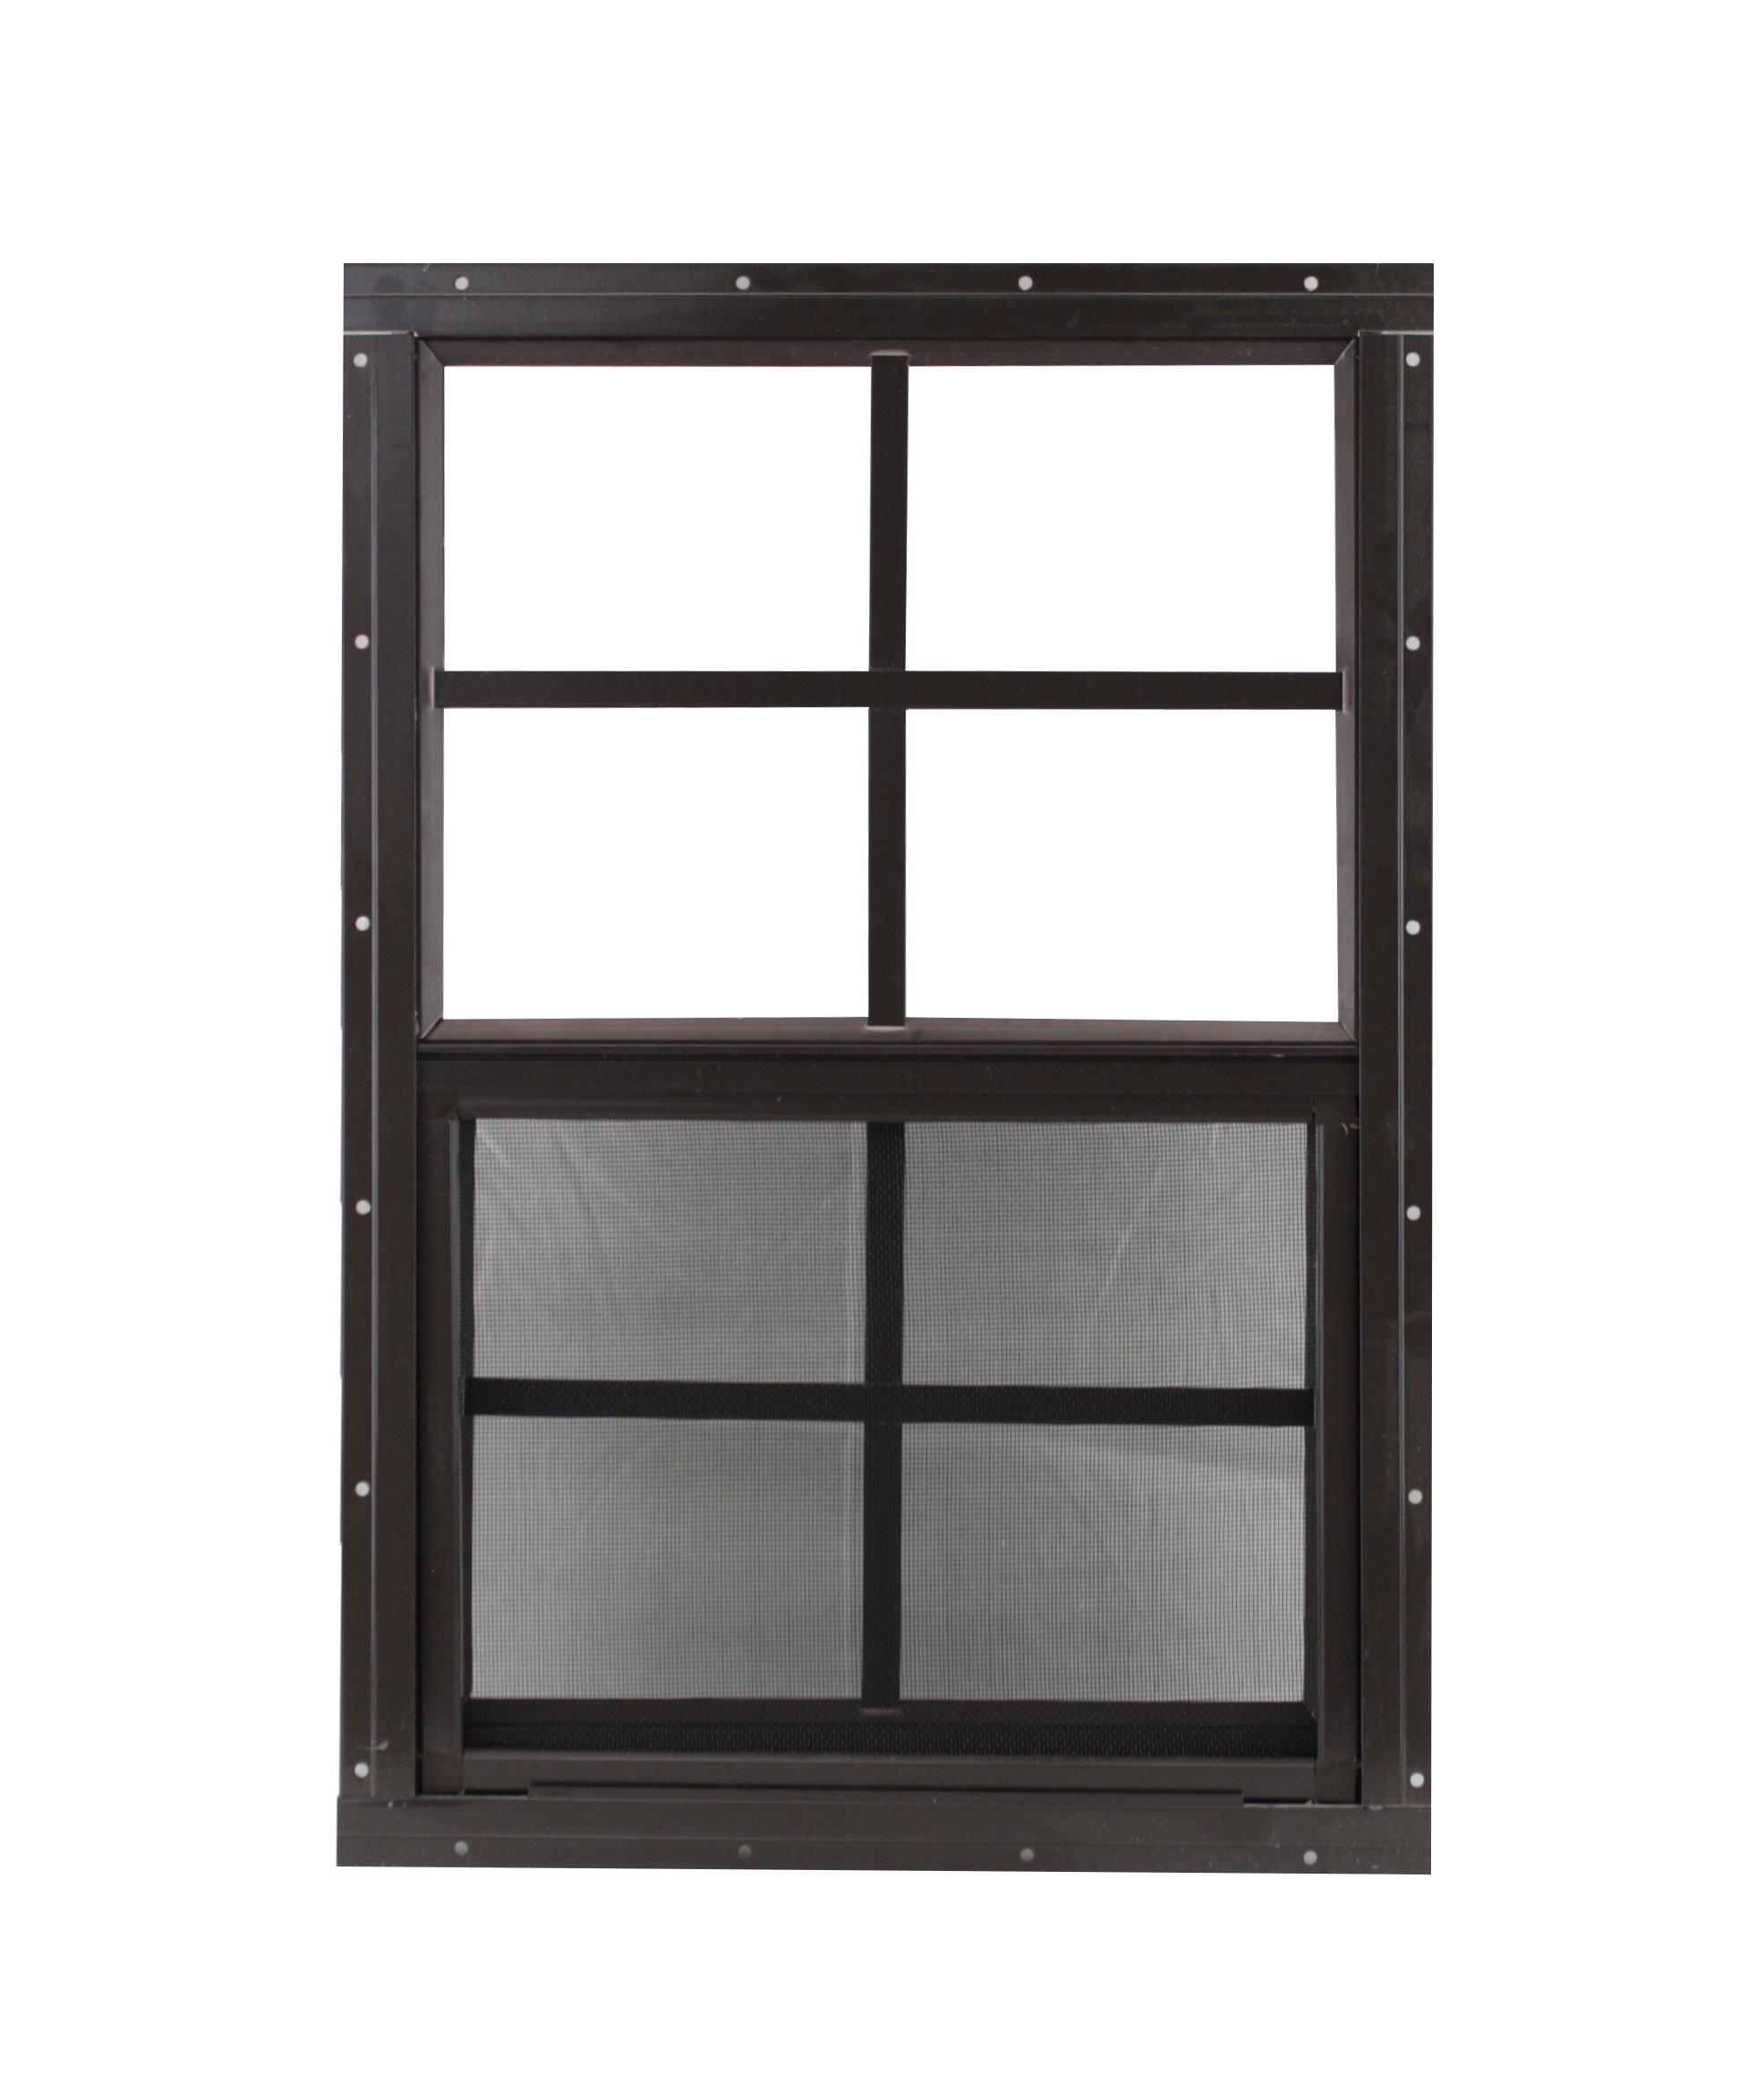 Play House Window 12 x 18 Brown Flush, Chicken Coop Window,Shed Window by Shed Windows and More